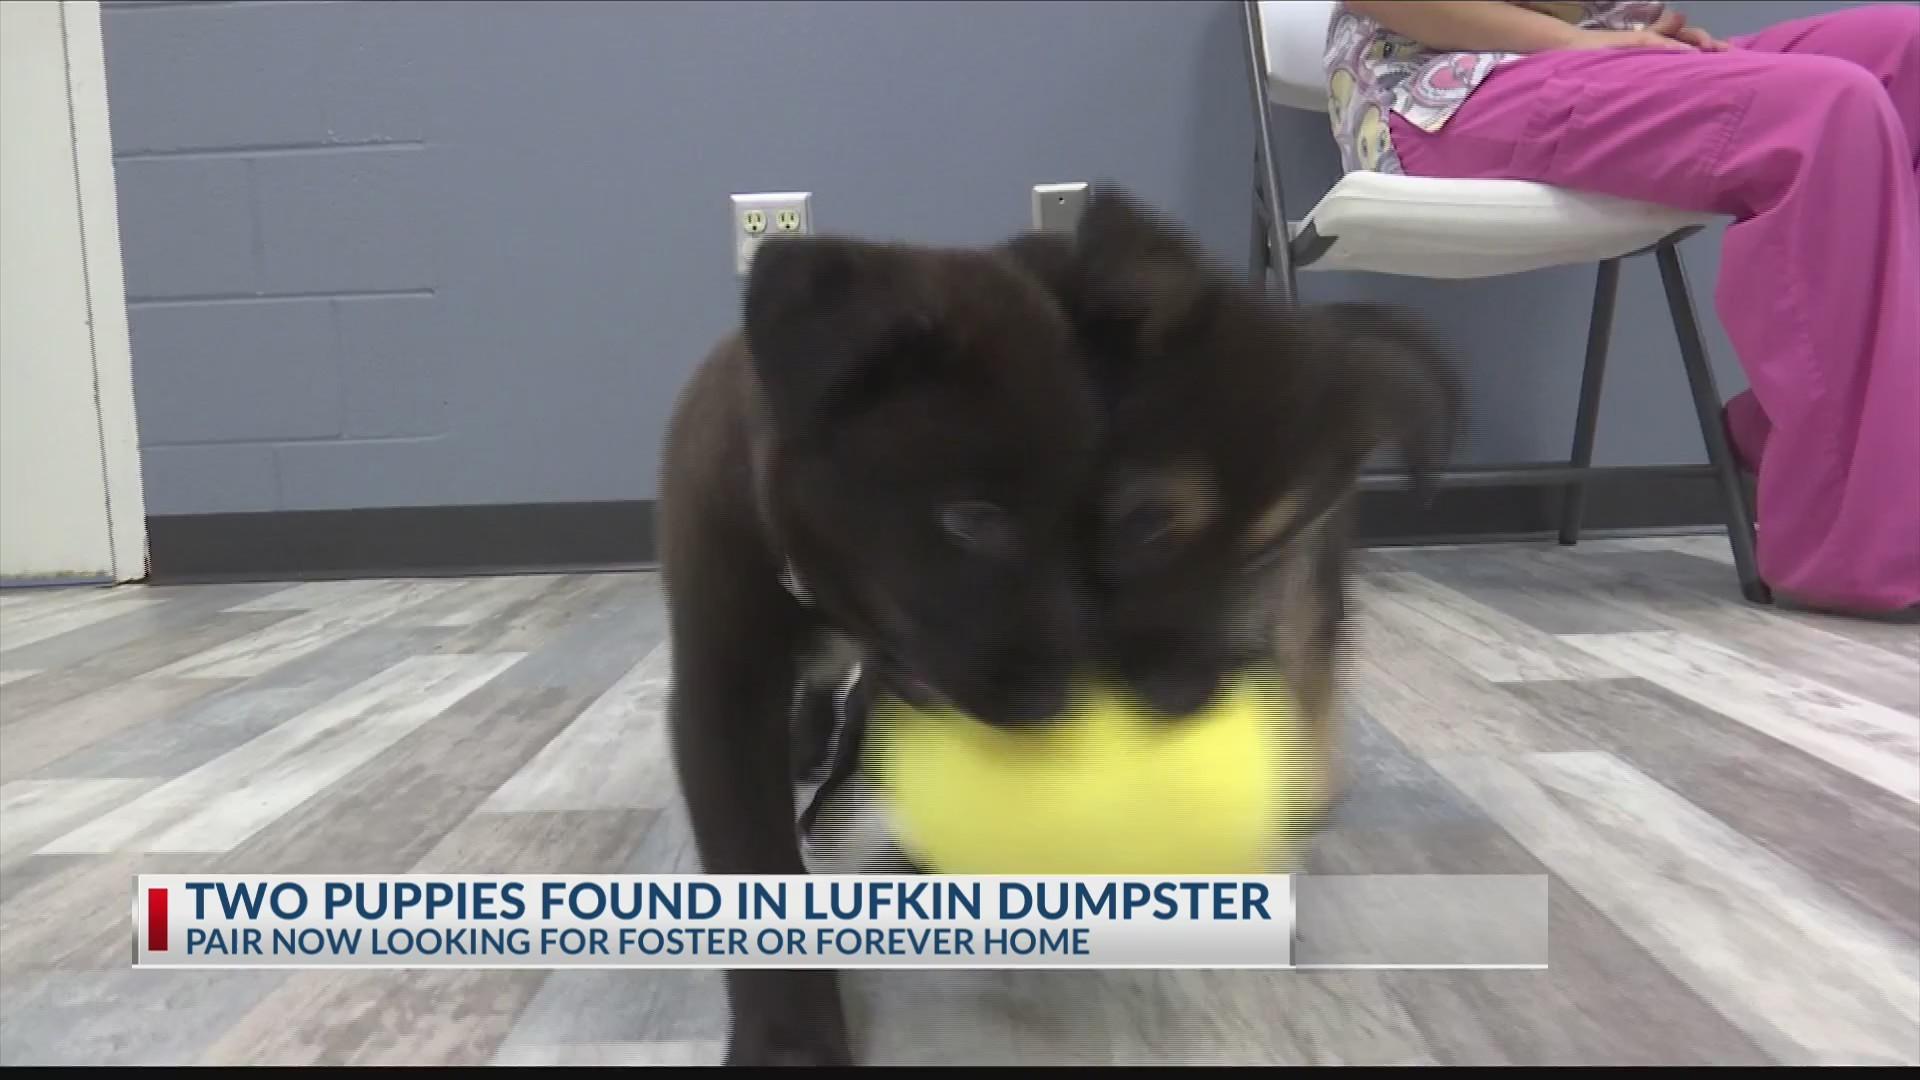 Puppies found in Dumpster